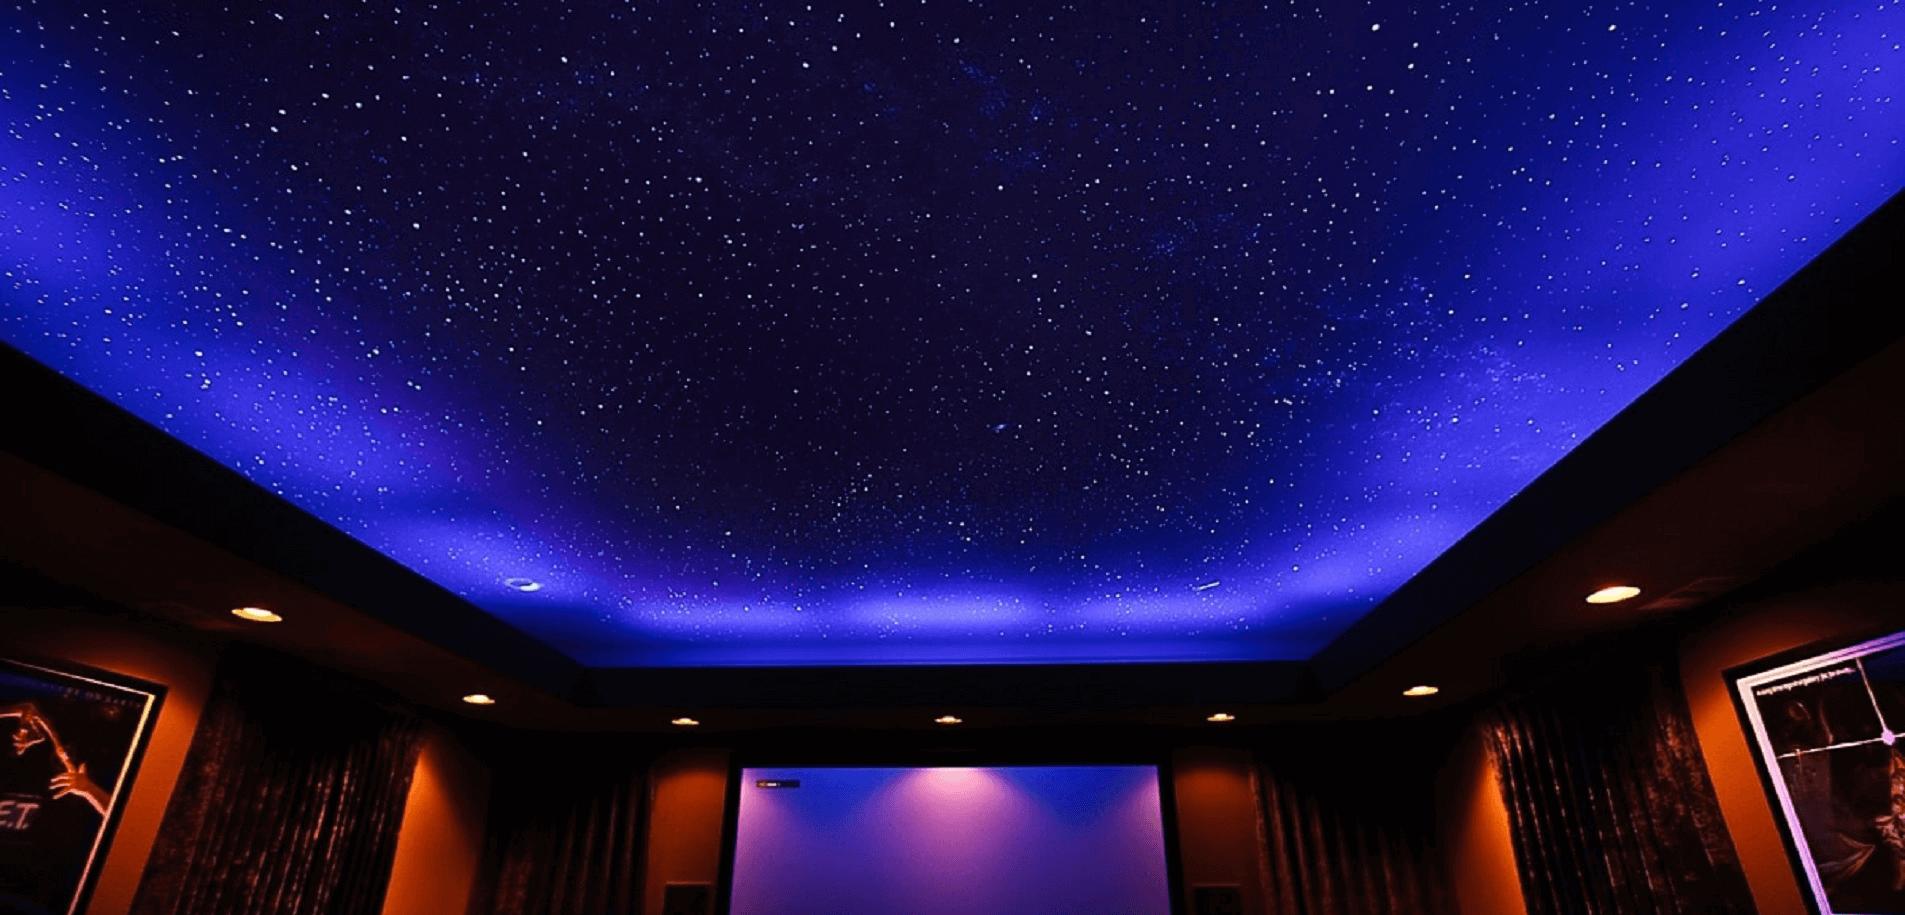 """Особенности натяжного потолка """"Звездное небо"""""""